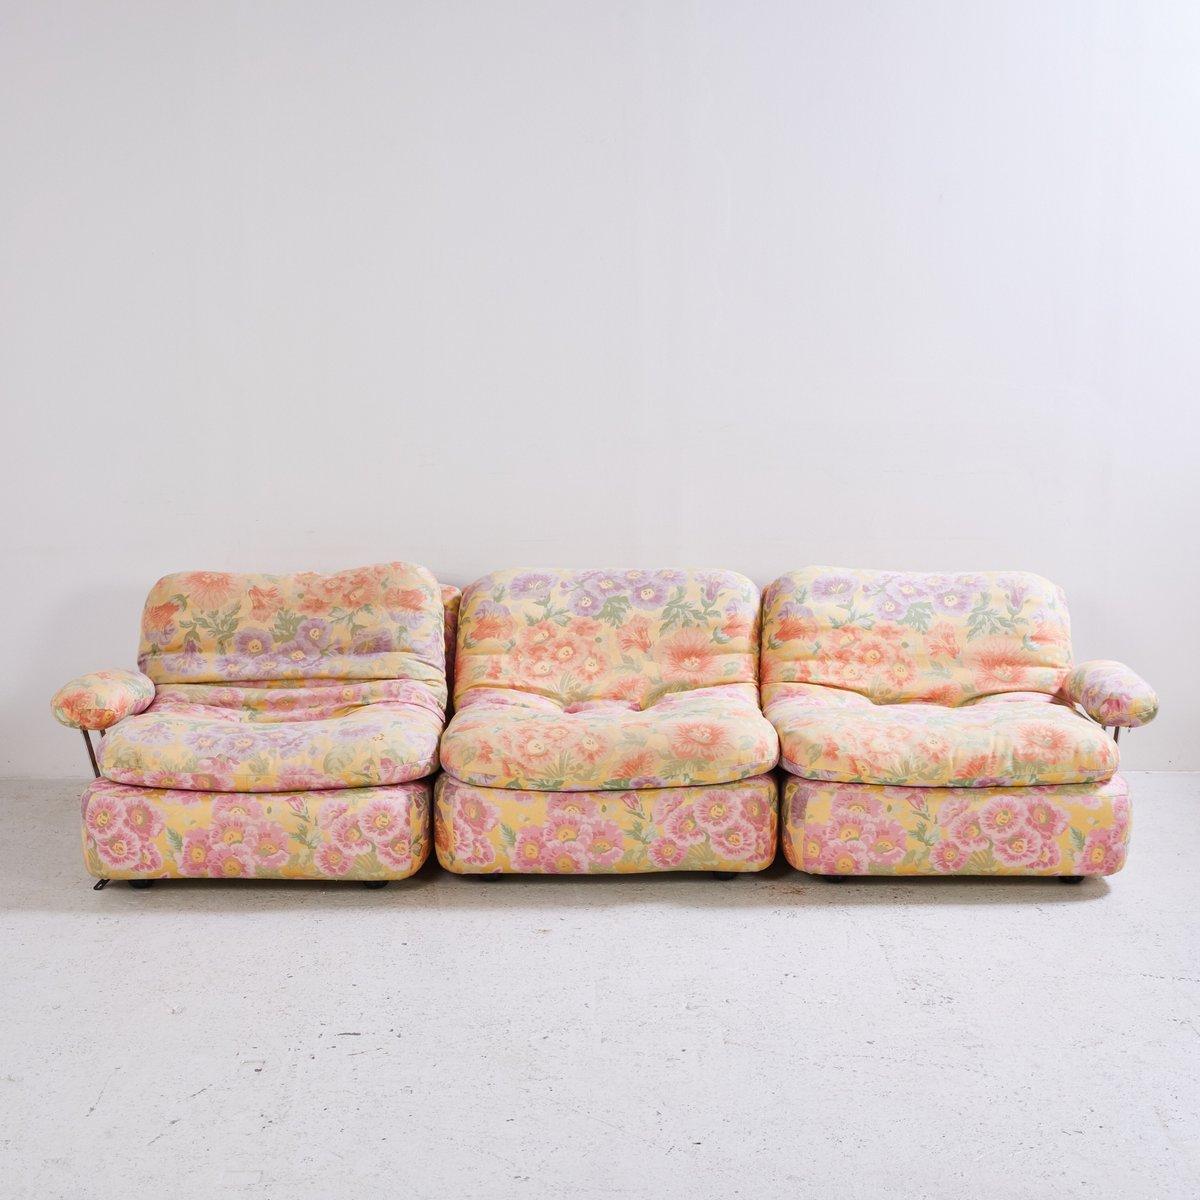 Wohnzimmer » garnitu Sofas & Couches online kaufen | Möbel ...